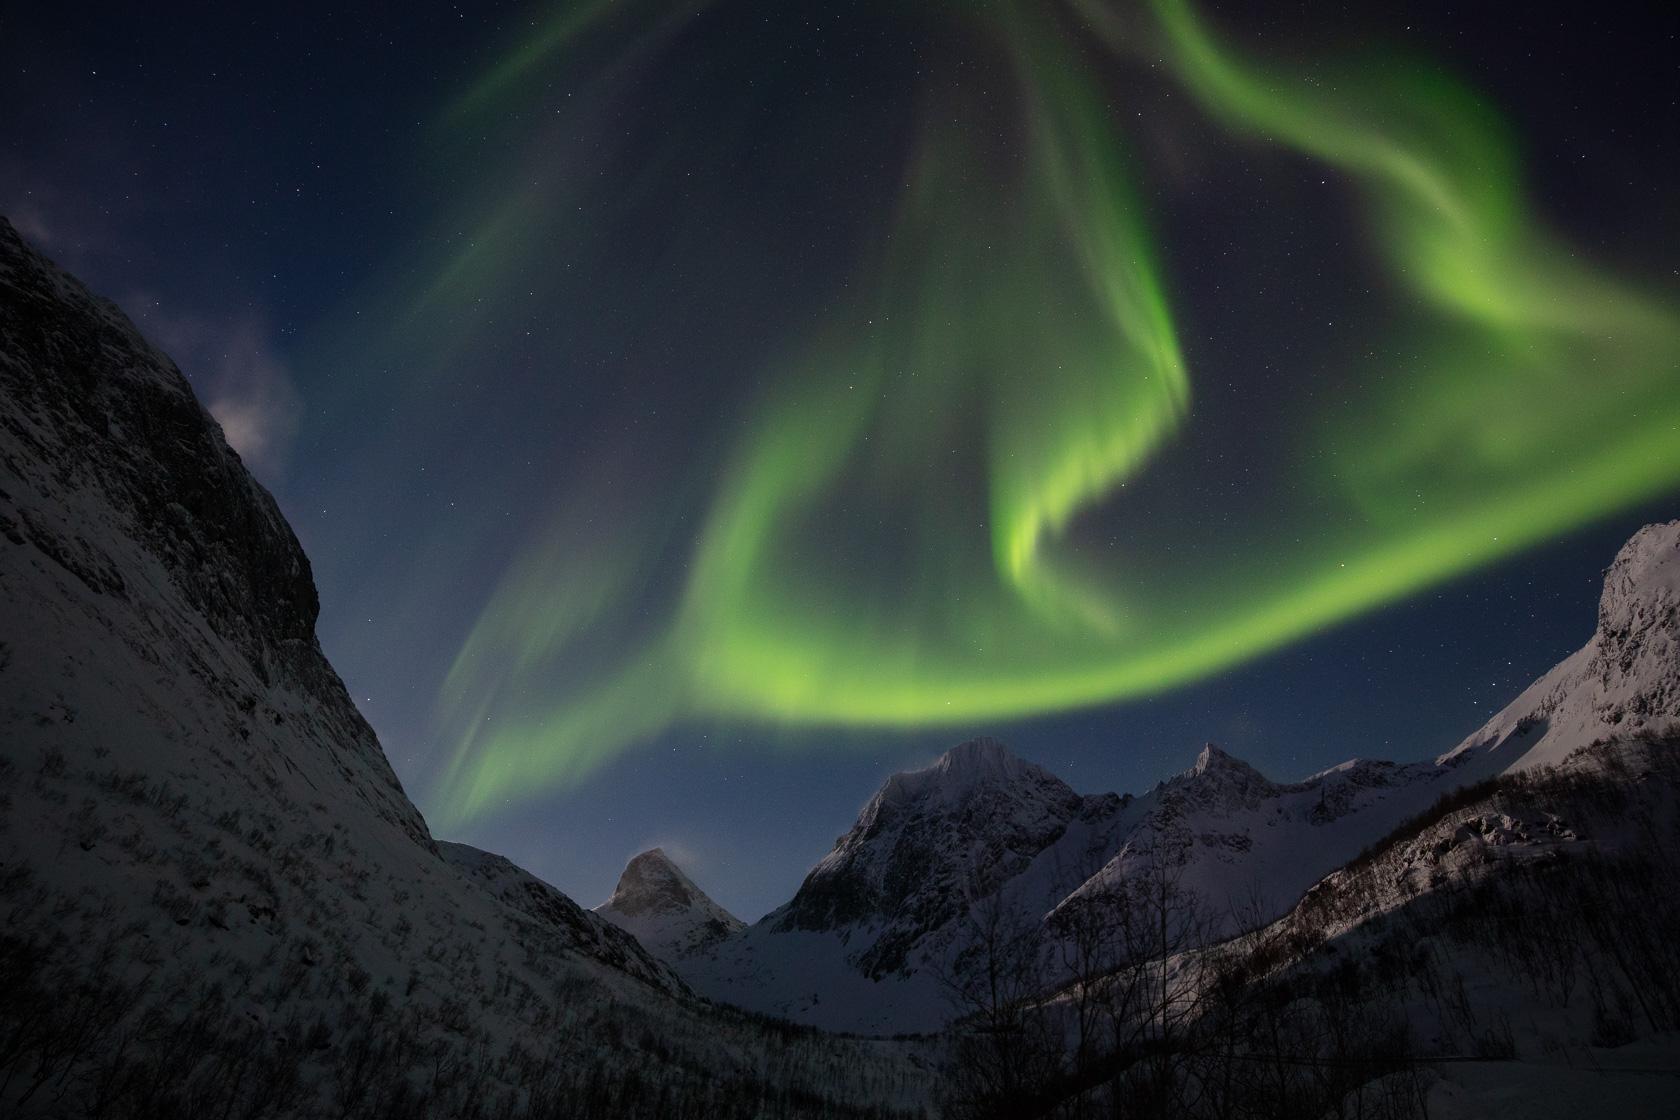 aurores boréales dans l'île de Senja en Norvège, lors d'un voyage photo